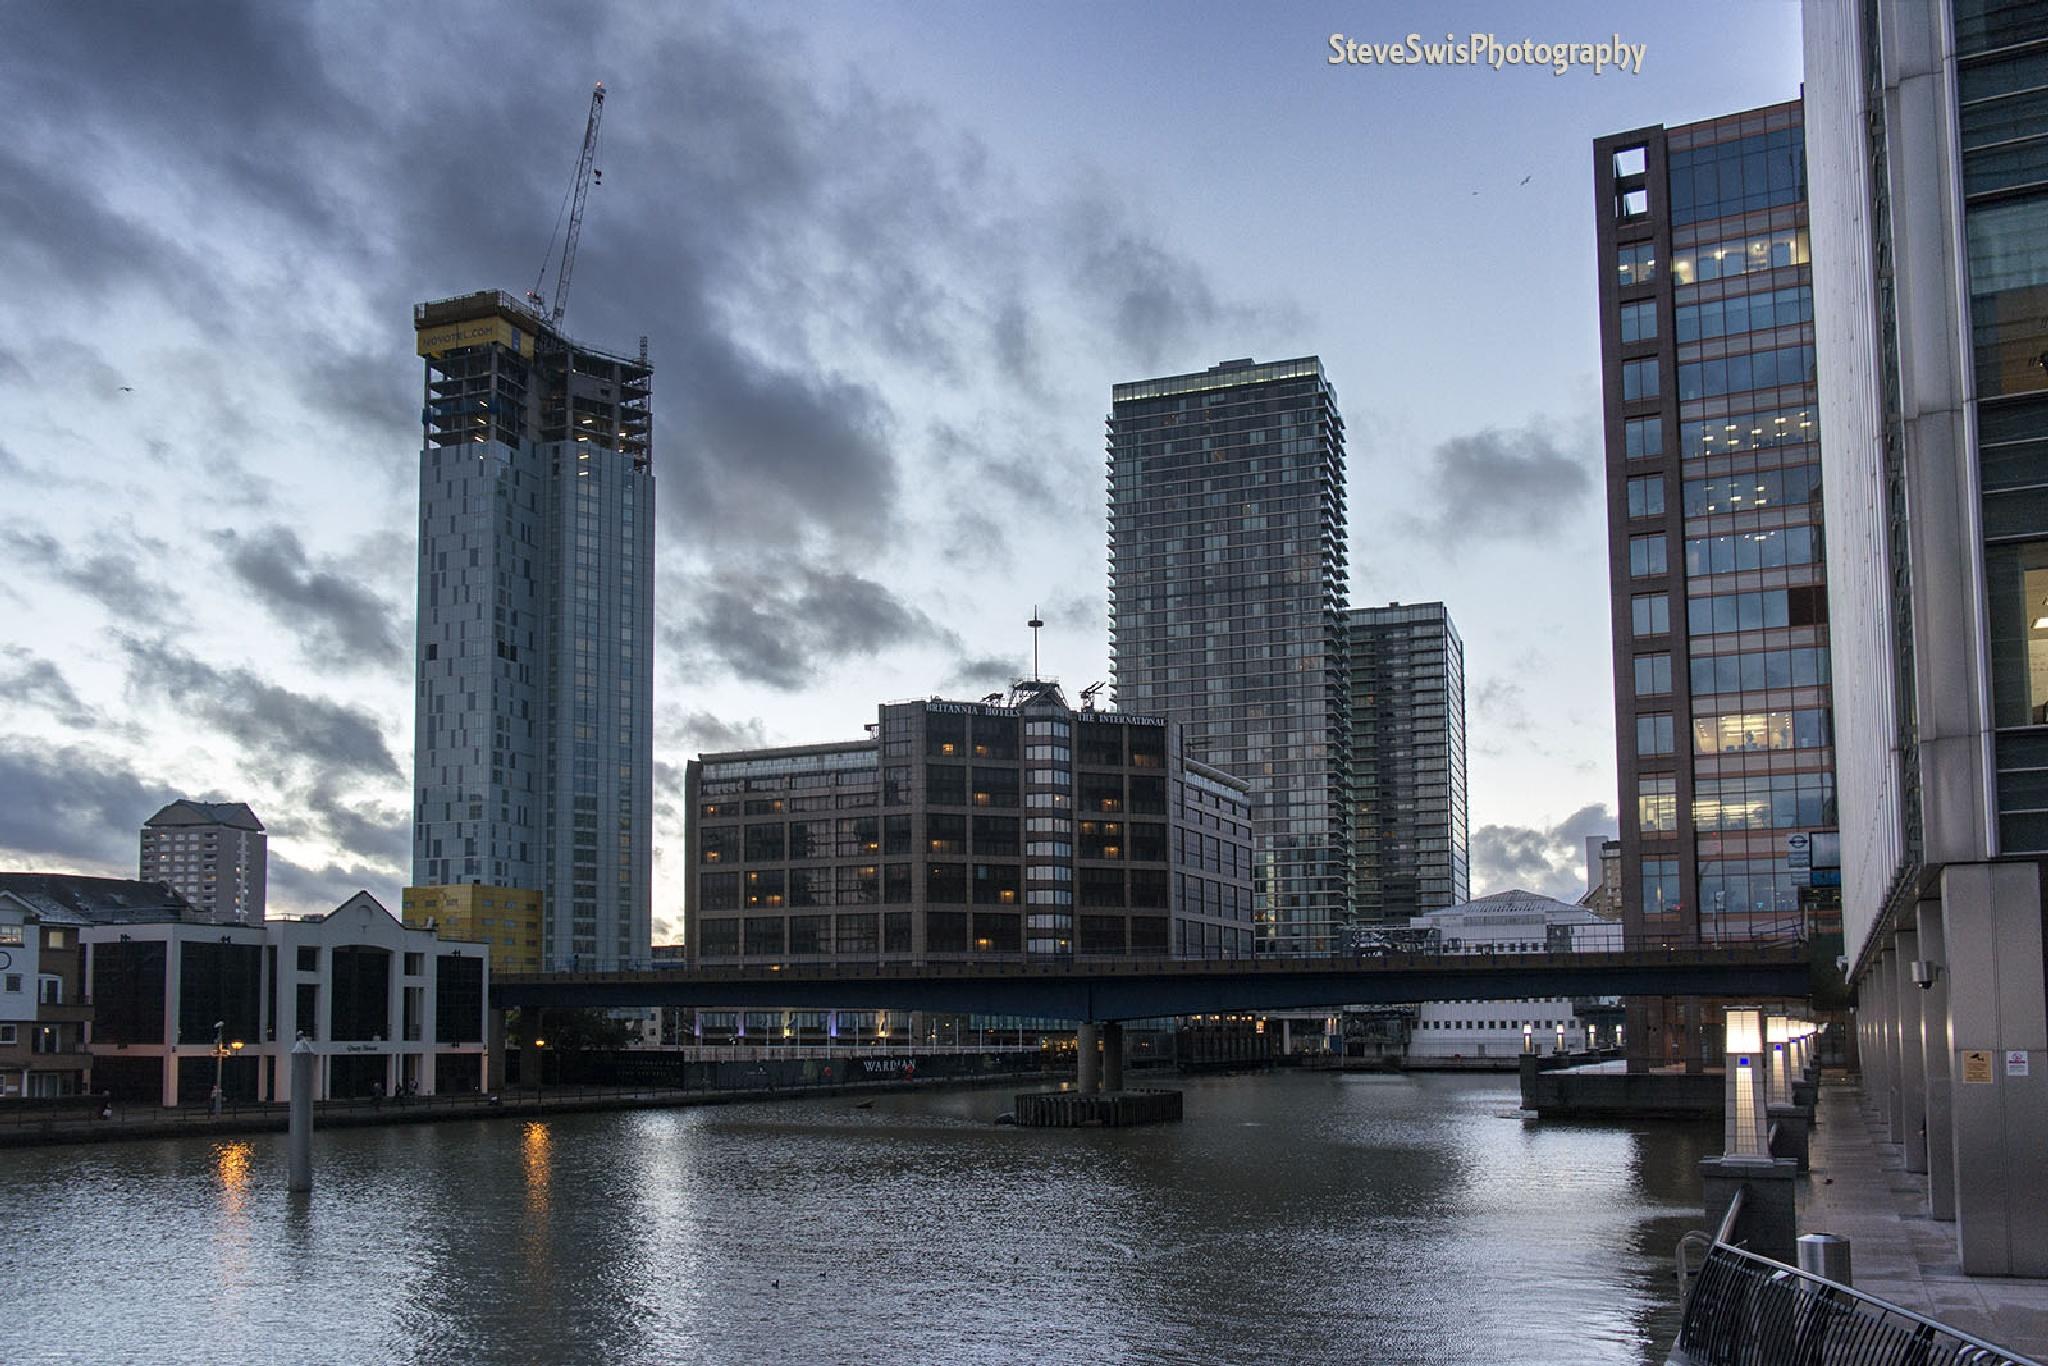 Canary Wharfe by Steve Swis